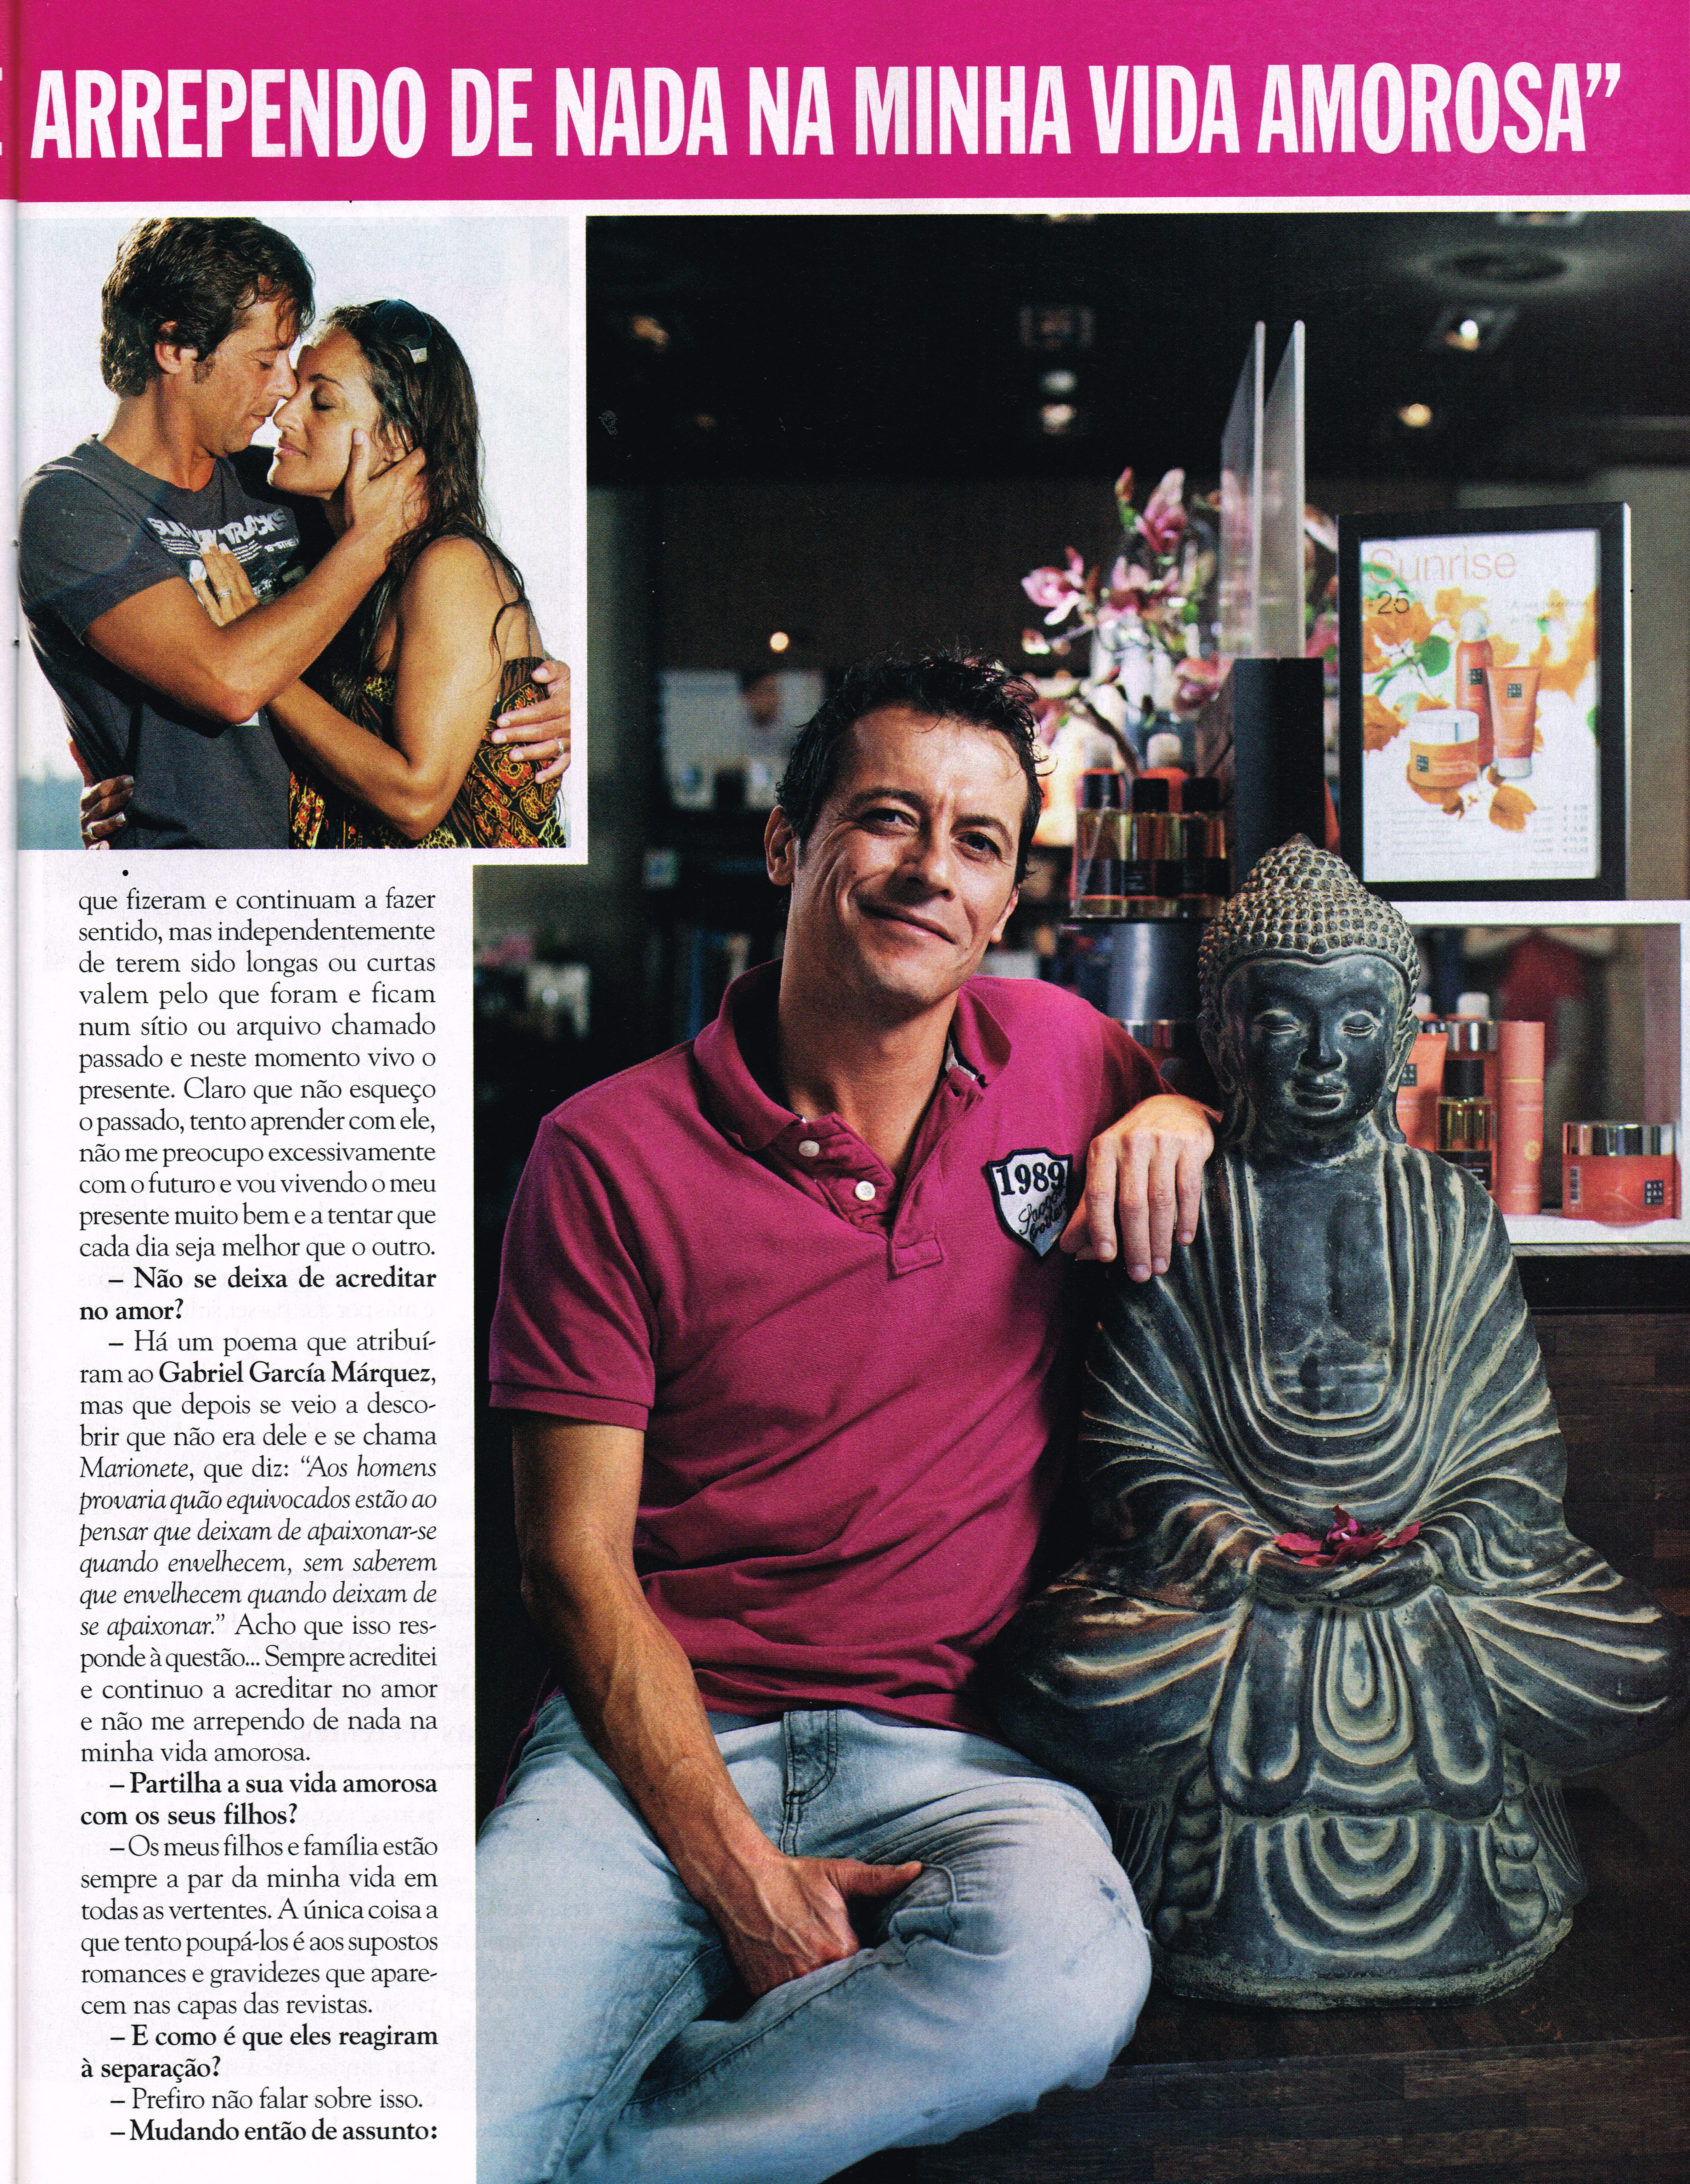 Caras - Rituals - António Pedro Cerdeira - 2.jpg